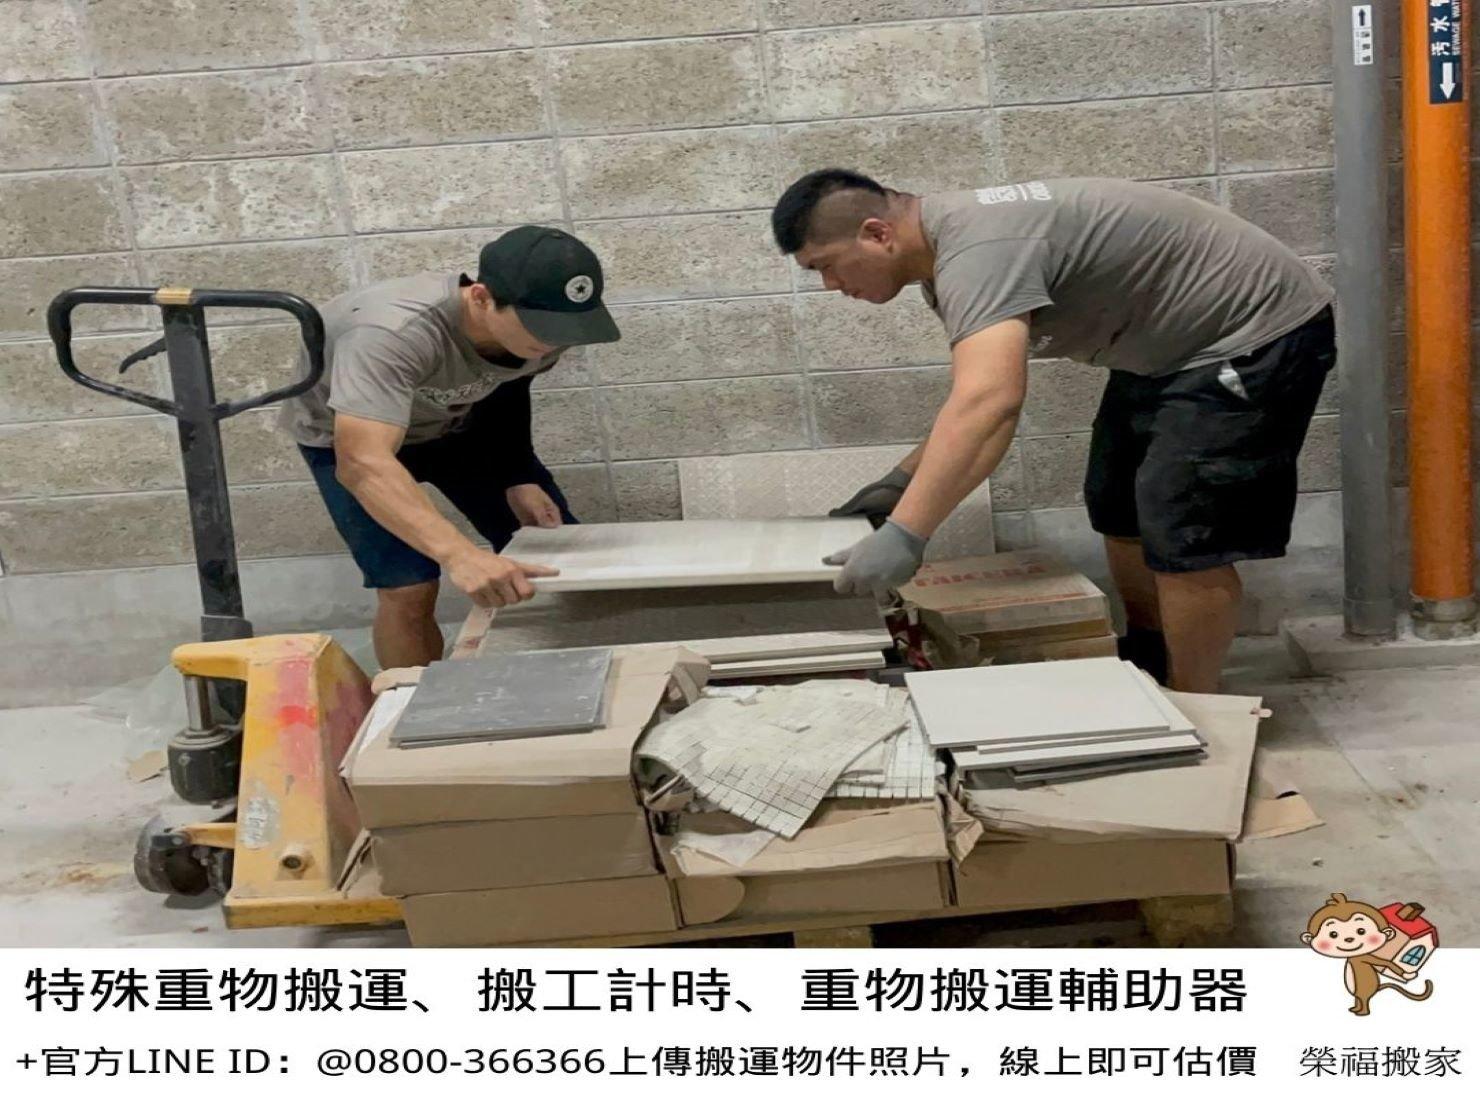 【公司行號搬遷實錄】搬工方式協助工程公司搬機器設備與磁磚,看榮福搬家如何人力後勤支援專業快速搬運